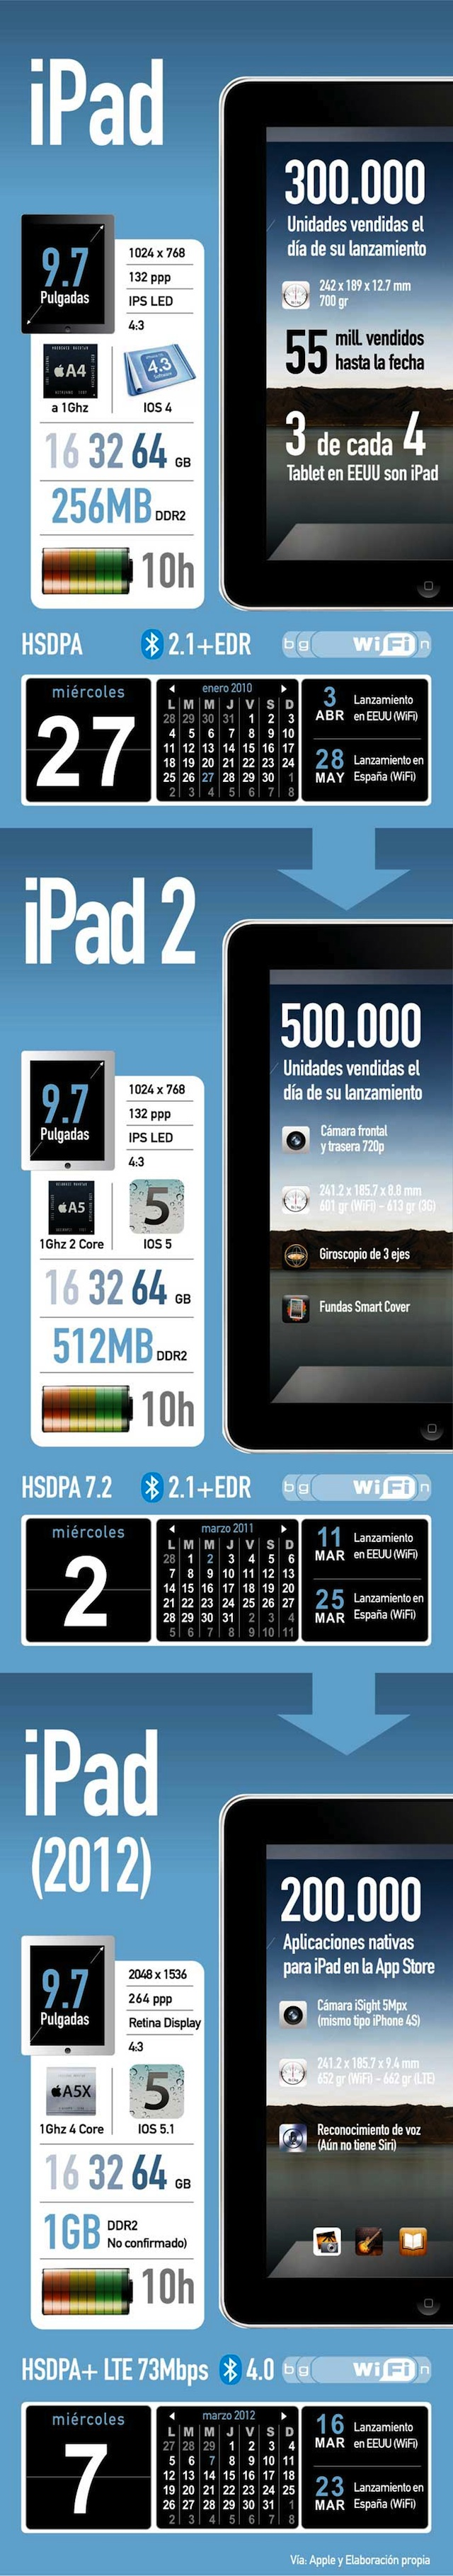 Diferencias entre iPad´s, de la versión 2010 hasta 2012 [Infografía español]